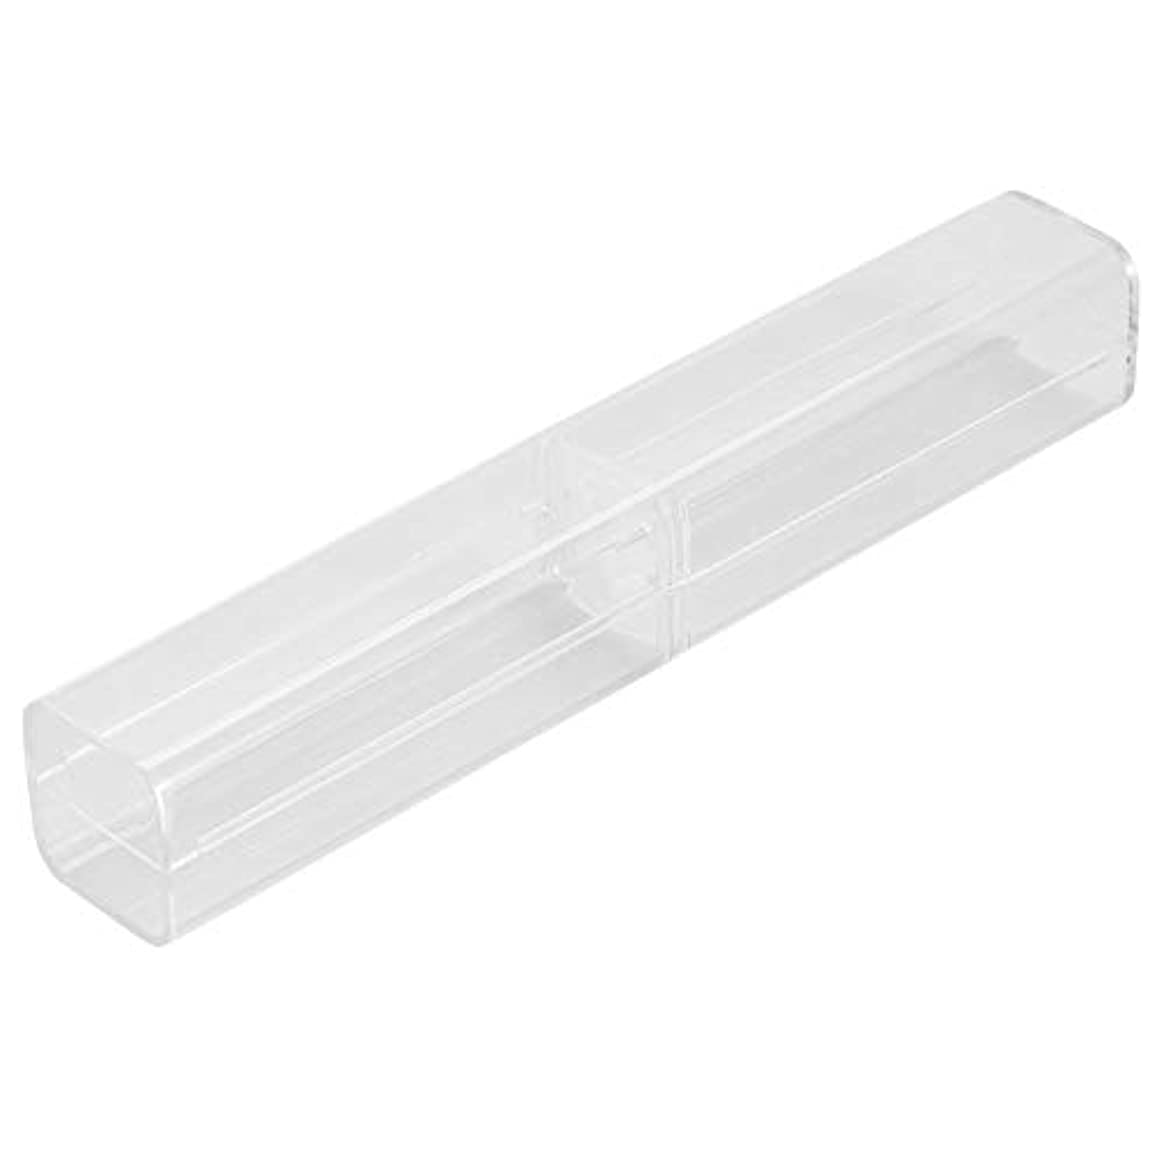 ディベート誓い十分ではない1ピース収納ボックス - 手動ペン眉毛タトゥークリアケース透明収納ボックス、収納ボックス - タトゥーコンテナ